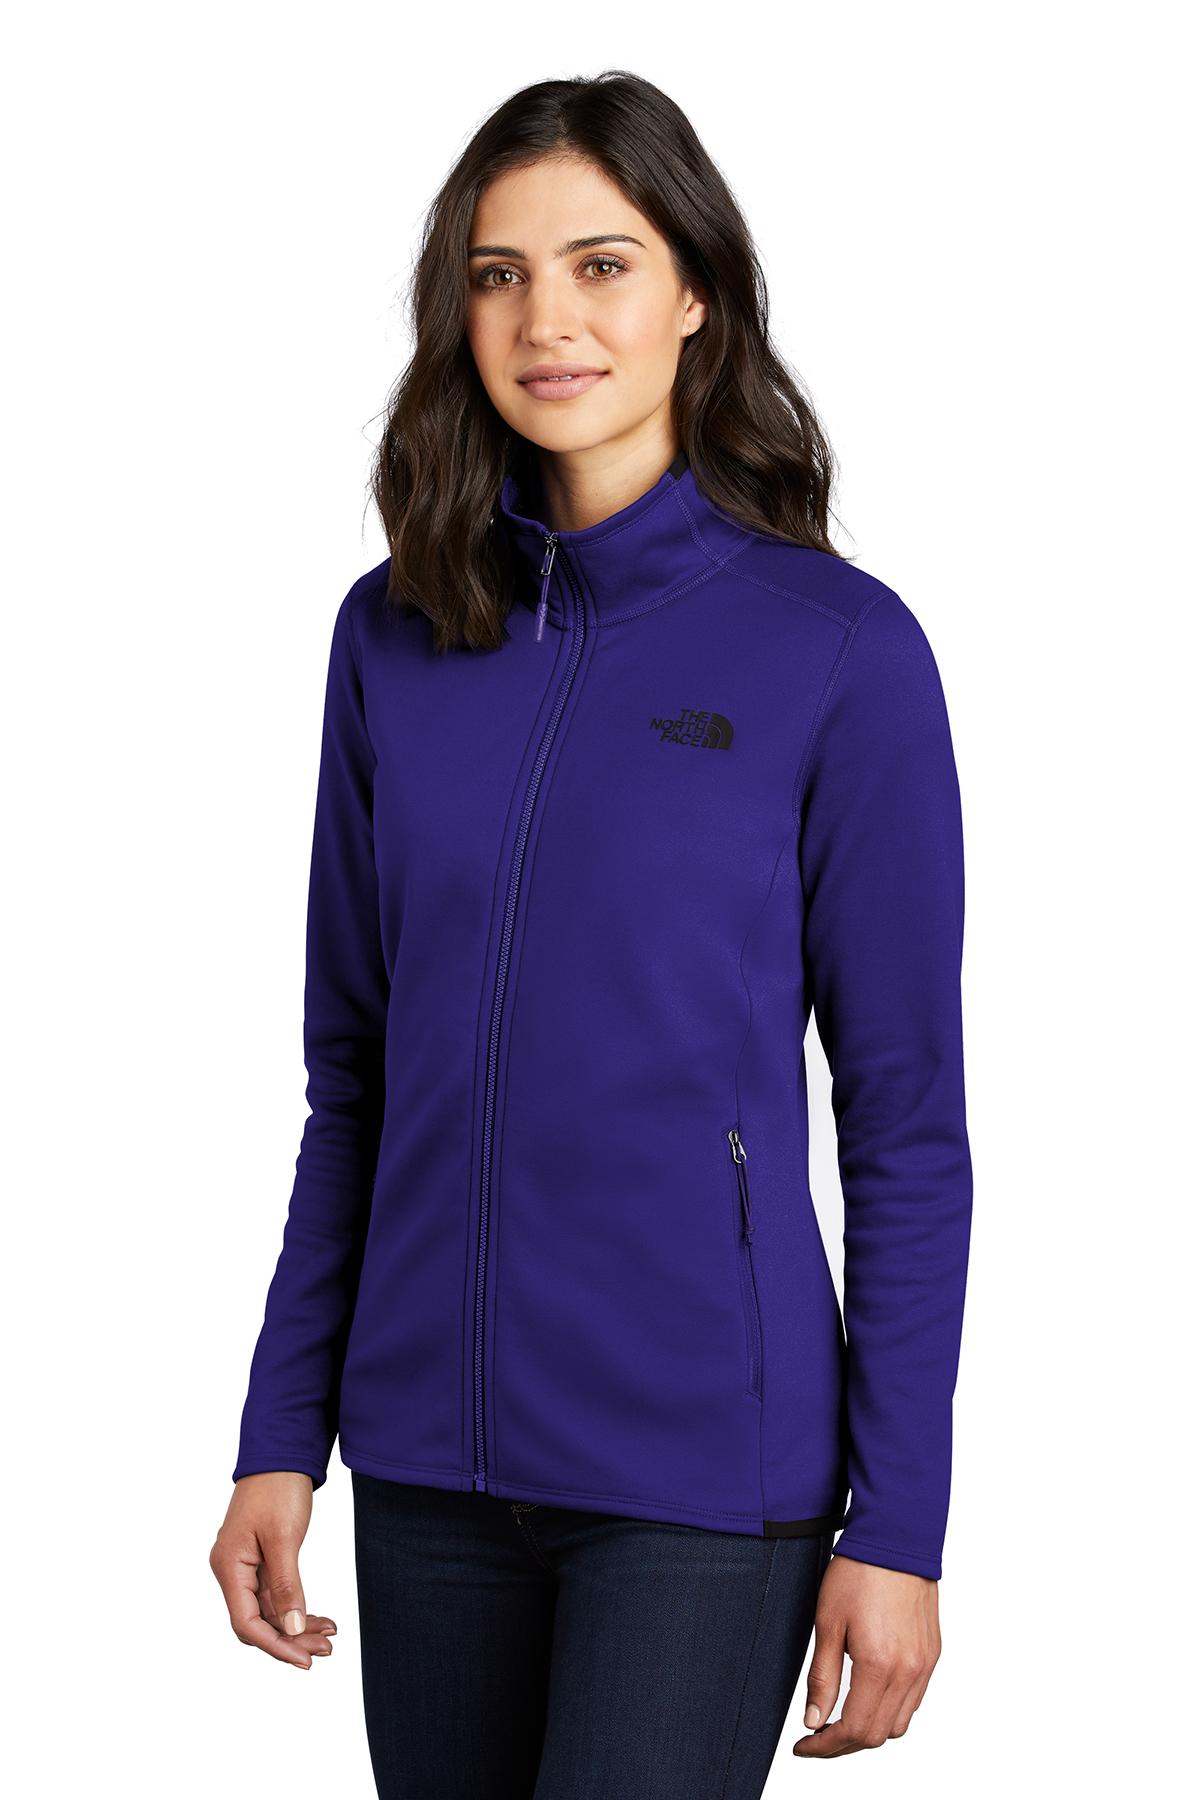 Requisite Girls Fleece Jacket High Neck Zipped Pockets